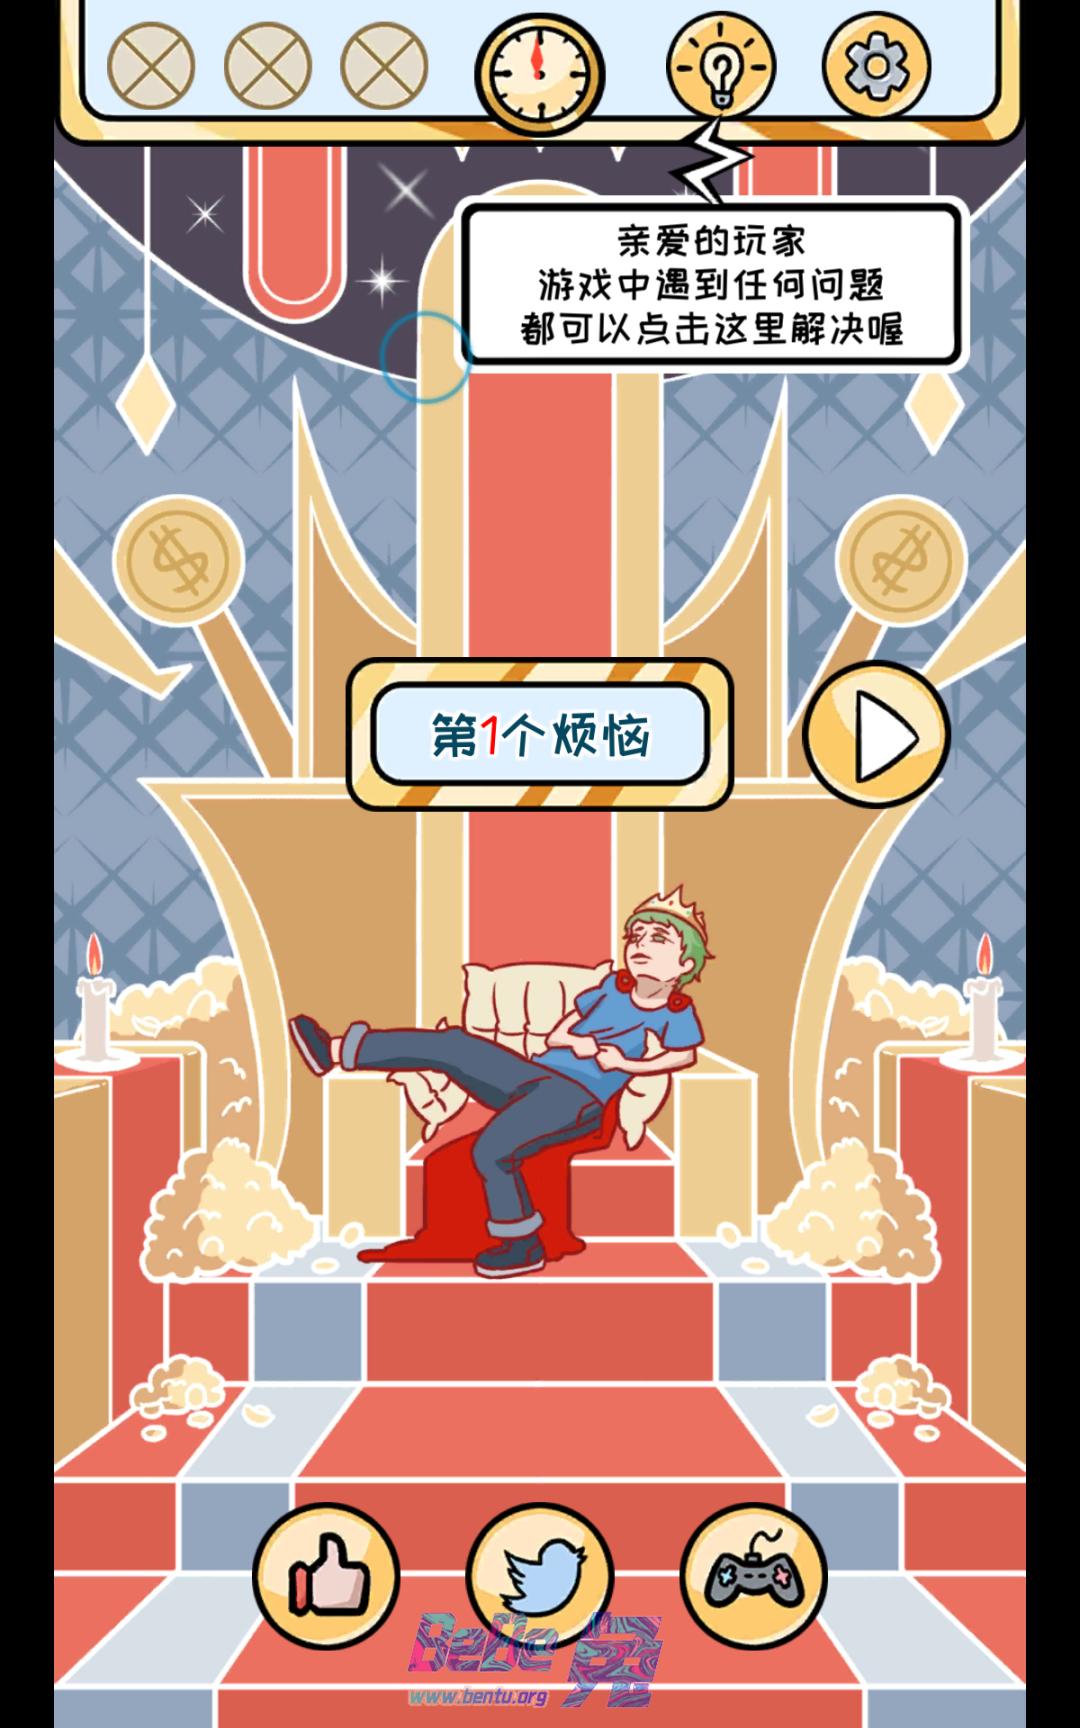 这款需要靠运气的游戏《欧皇的烦恼》最新版下载